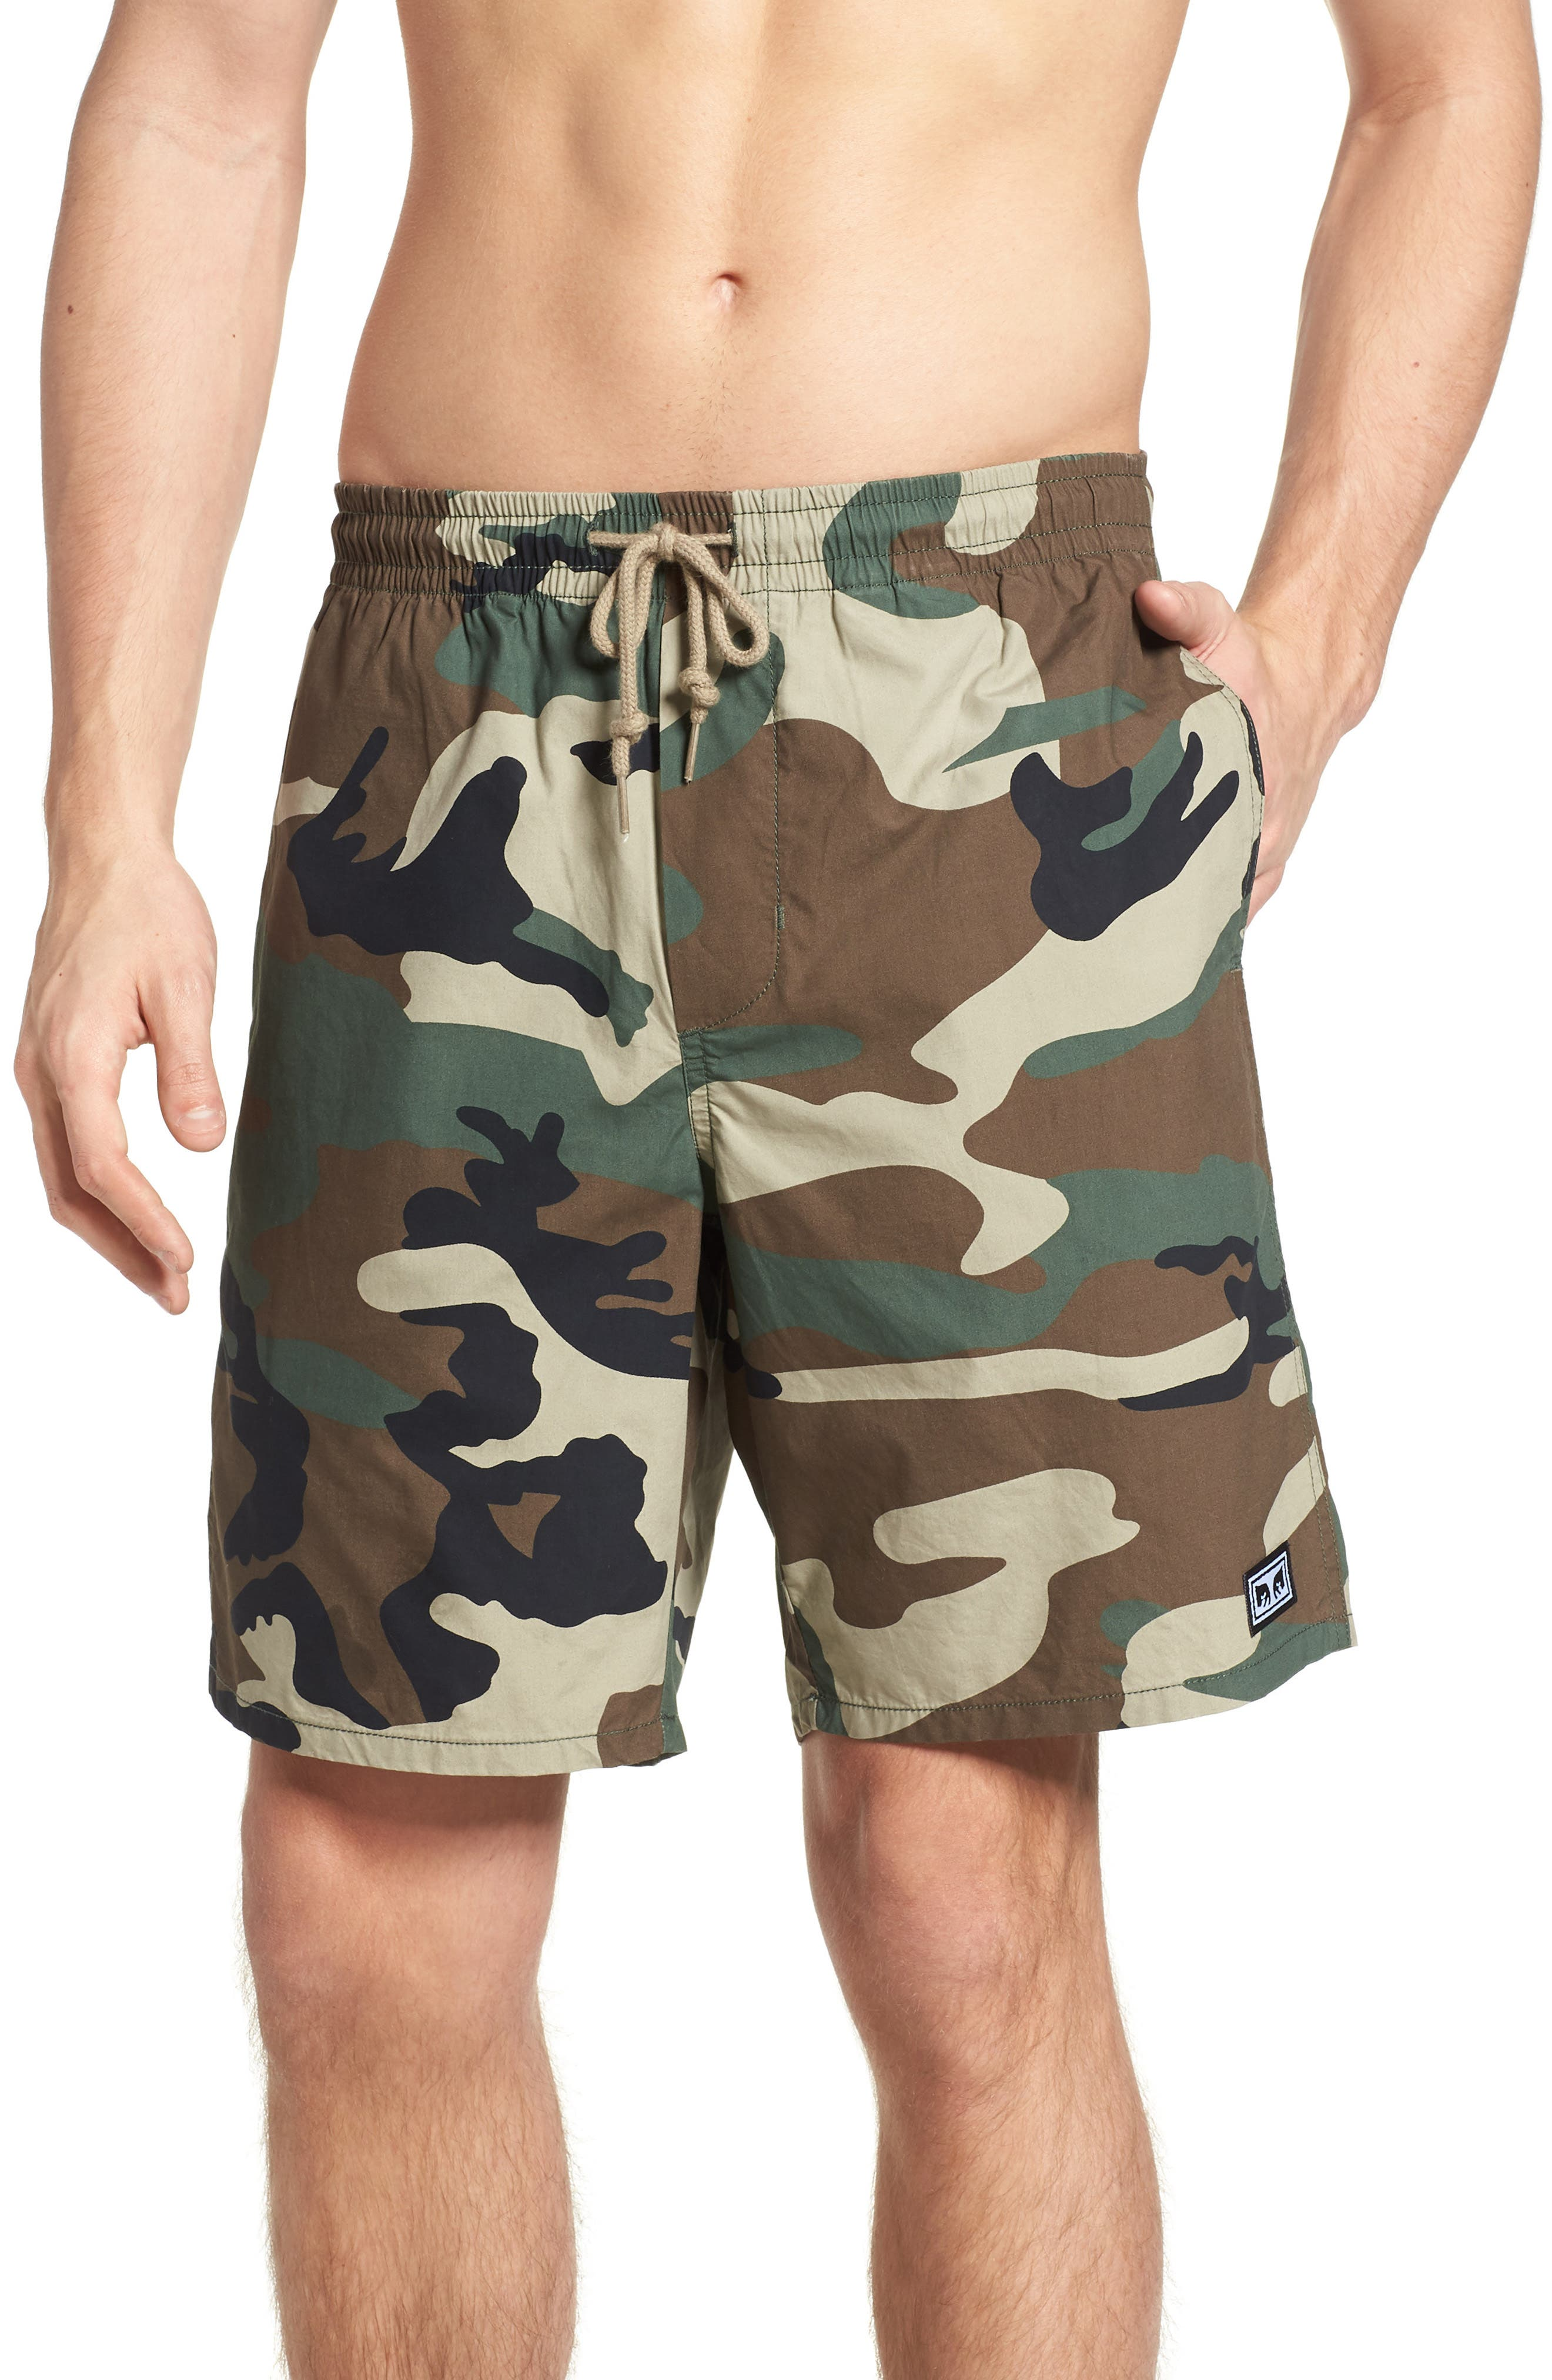 Subversion Shorts,                             Main thumbnail 1, color,                             344